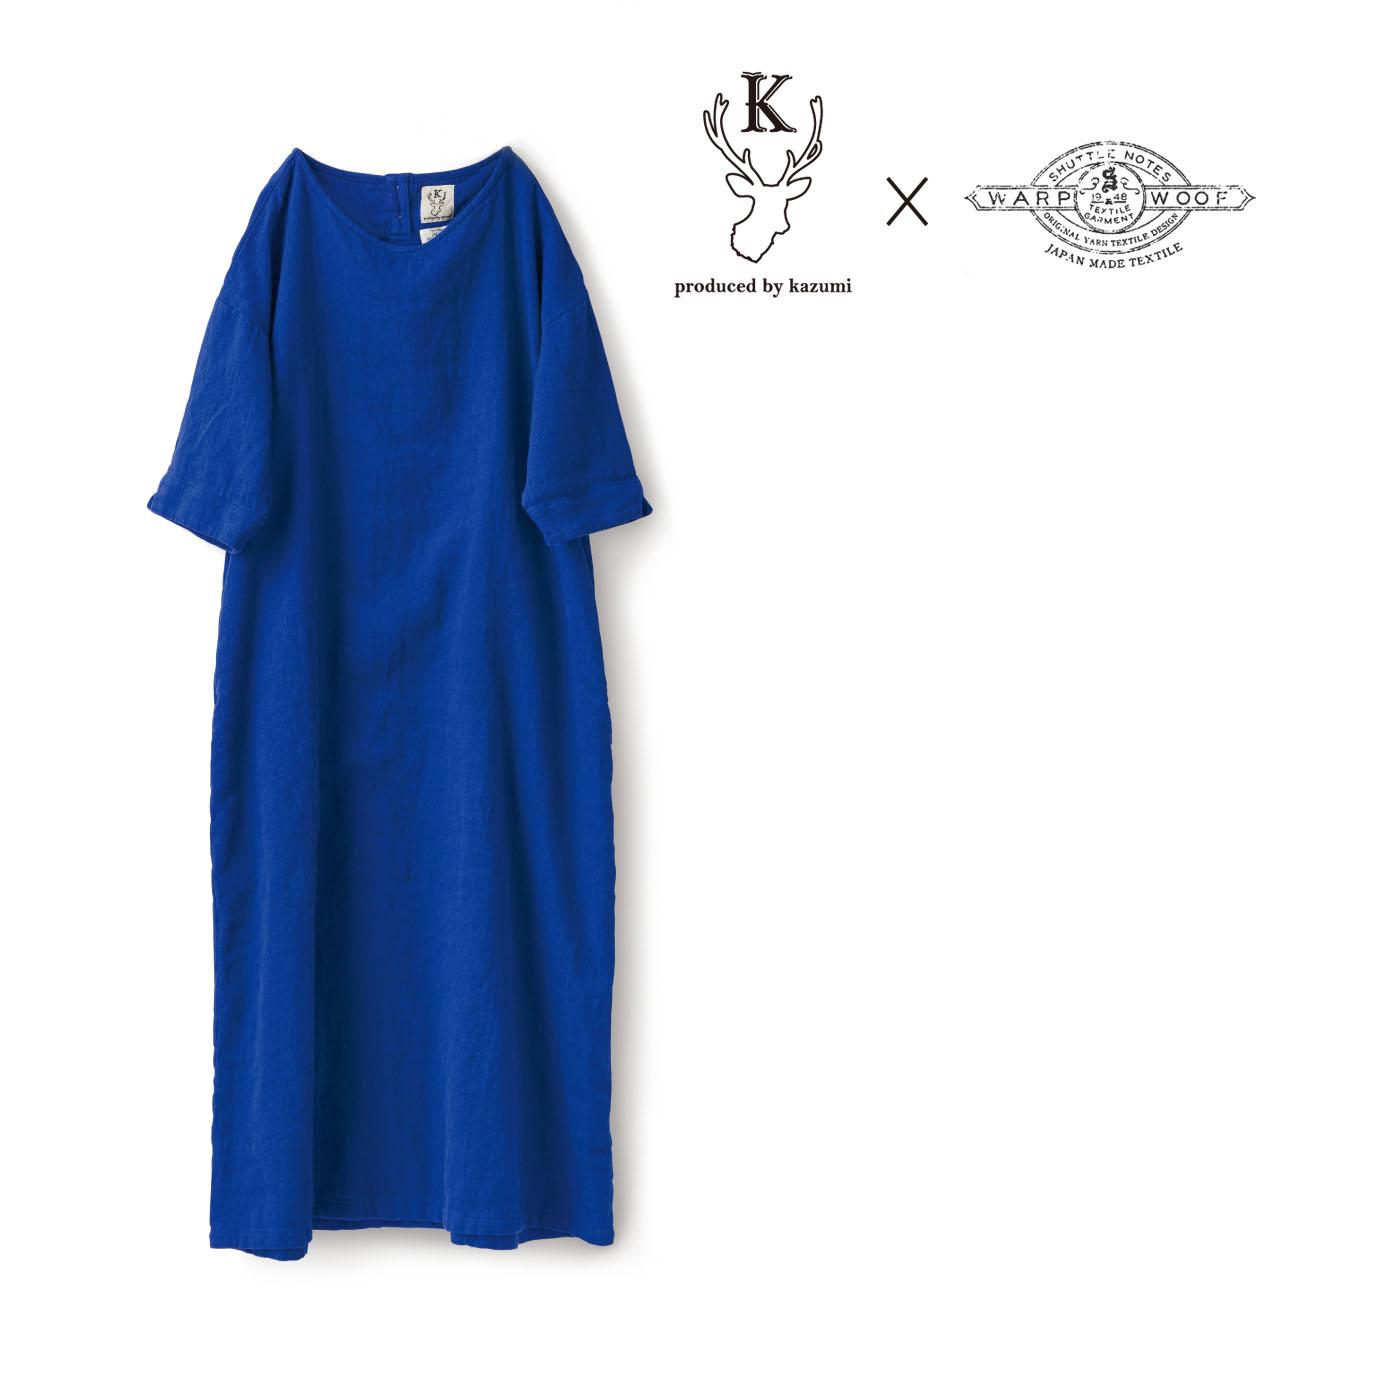 フェリシモ サニークラウズ feat. Shuttle Notes kazumiのまっ青ワンピース〈レディース〉